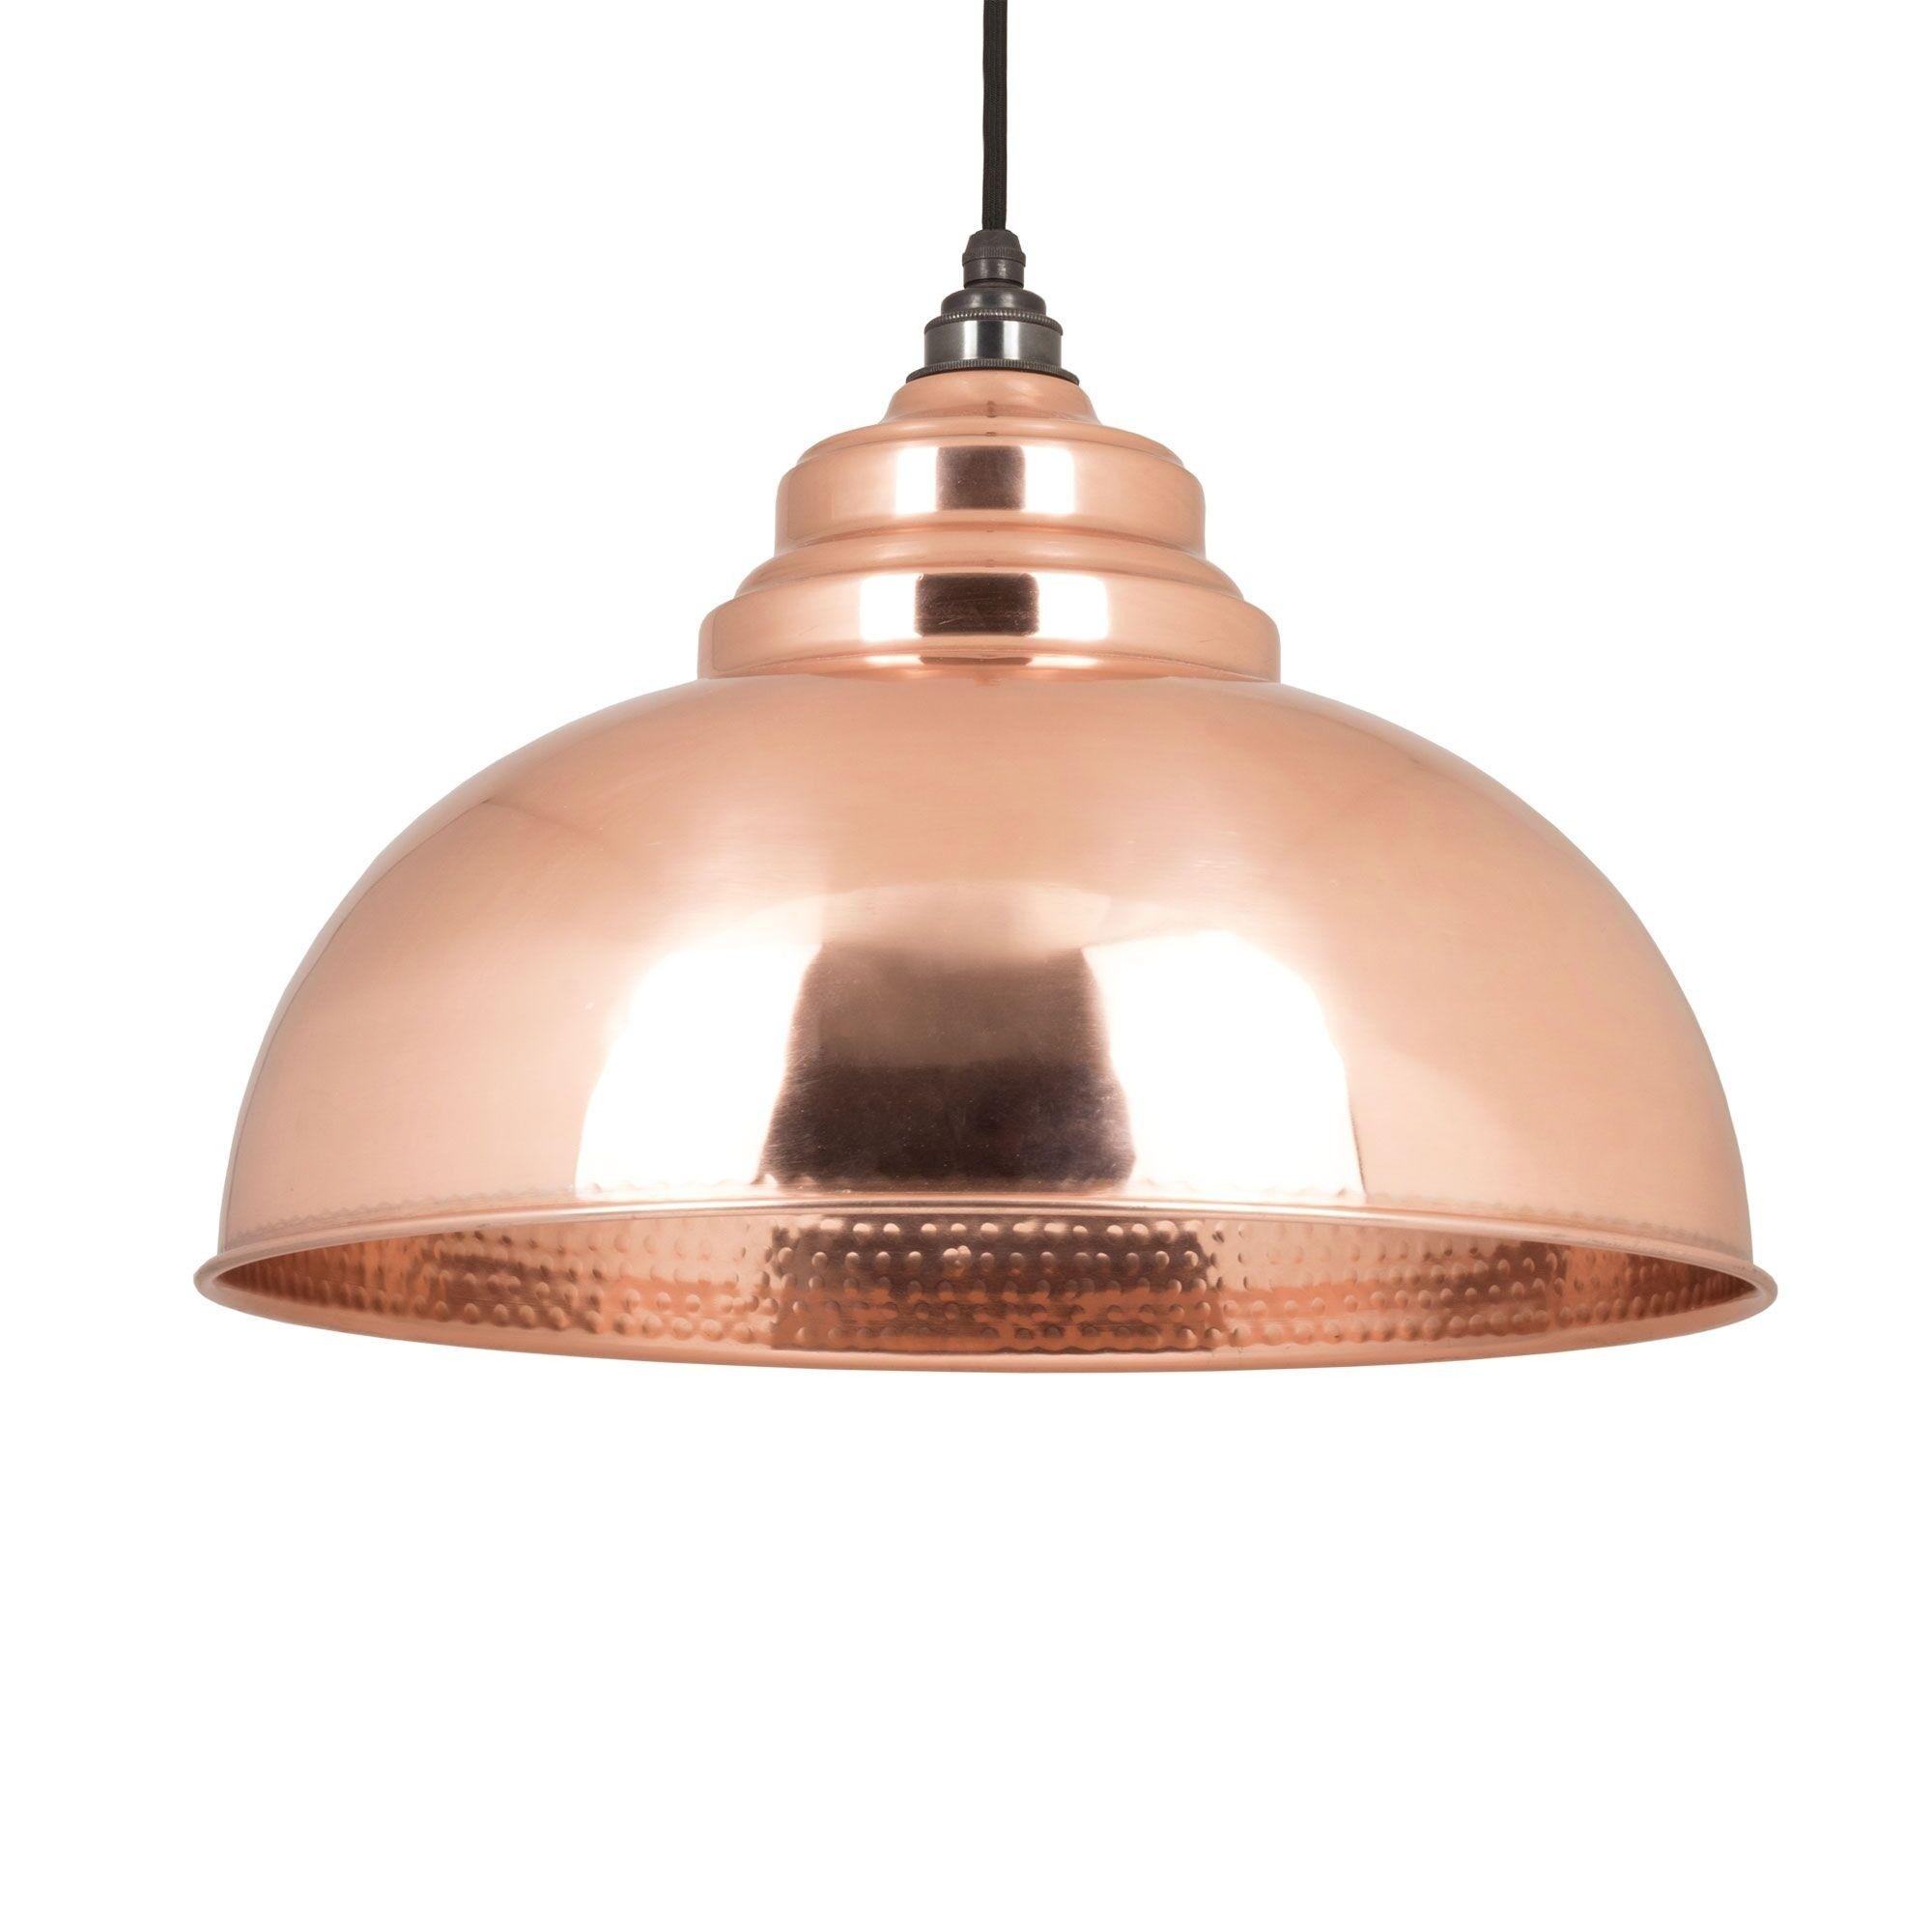 Pin On Copper Trends In Interior Design